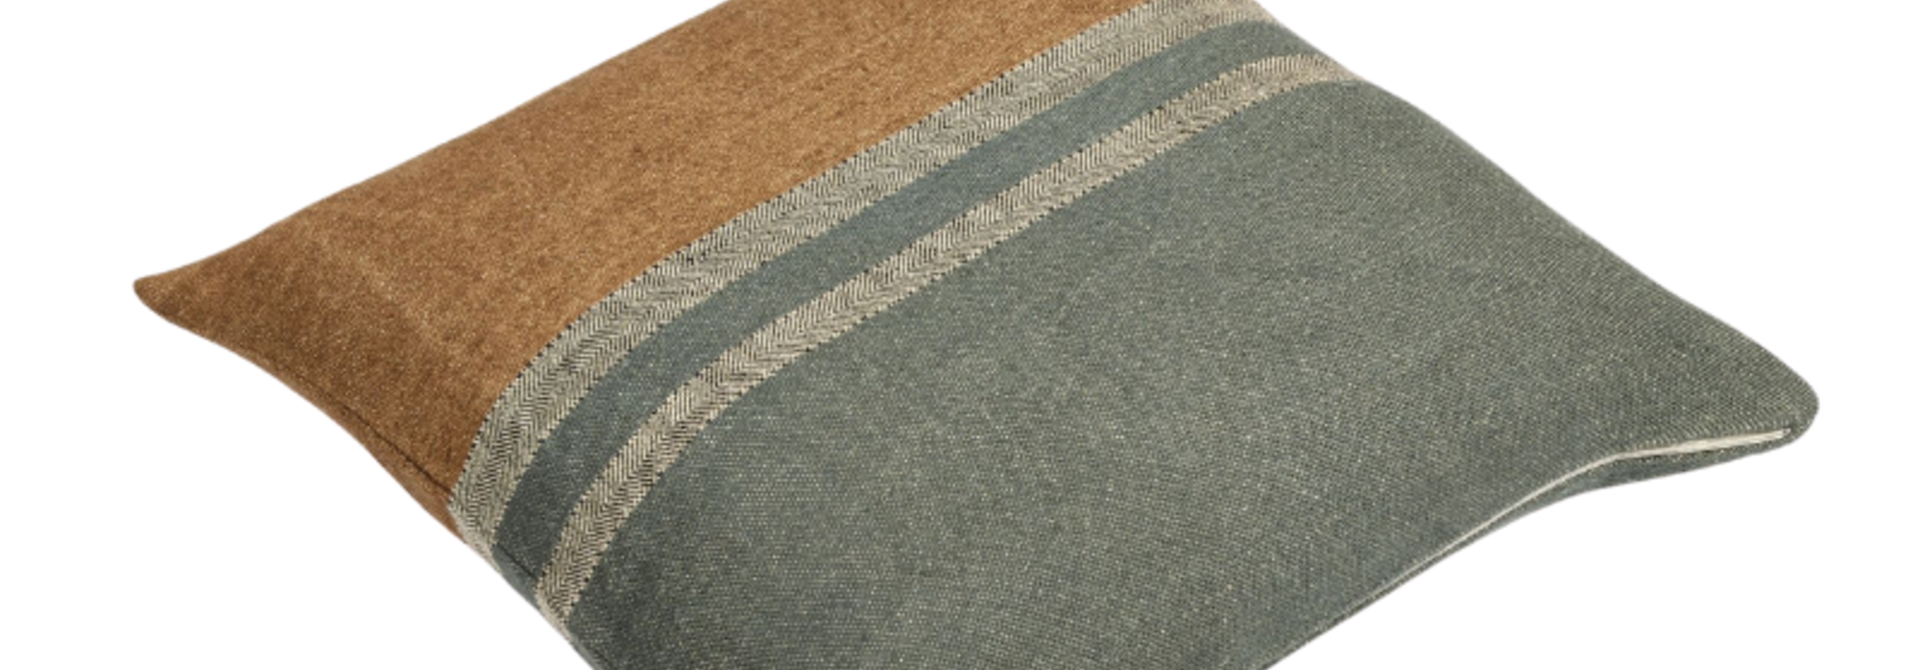 Cushion Cover - Alouette -  Stripe